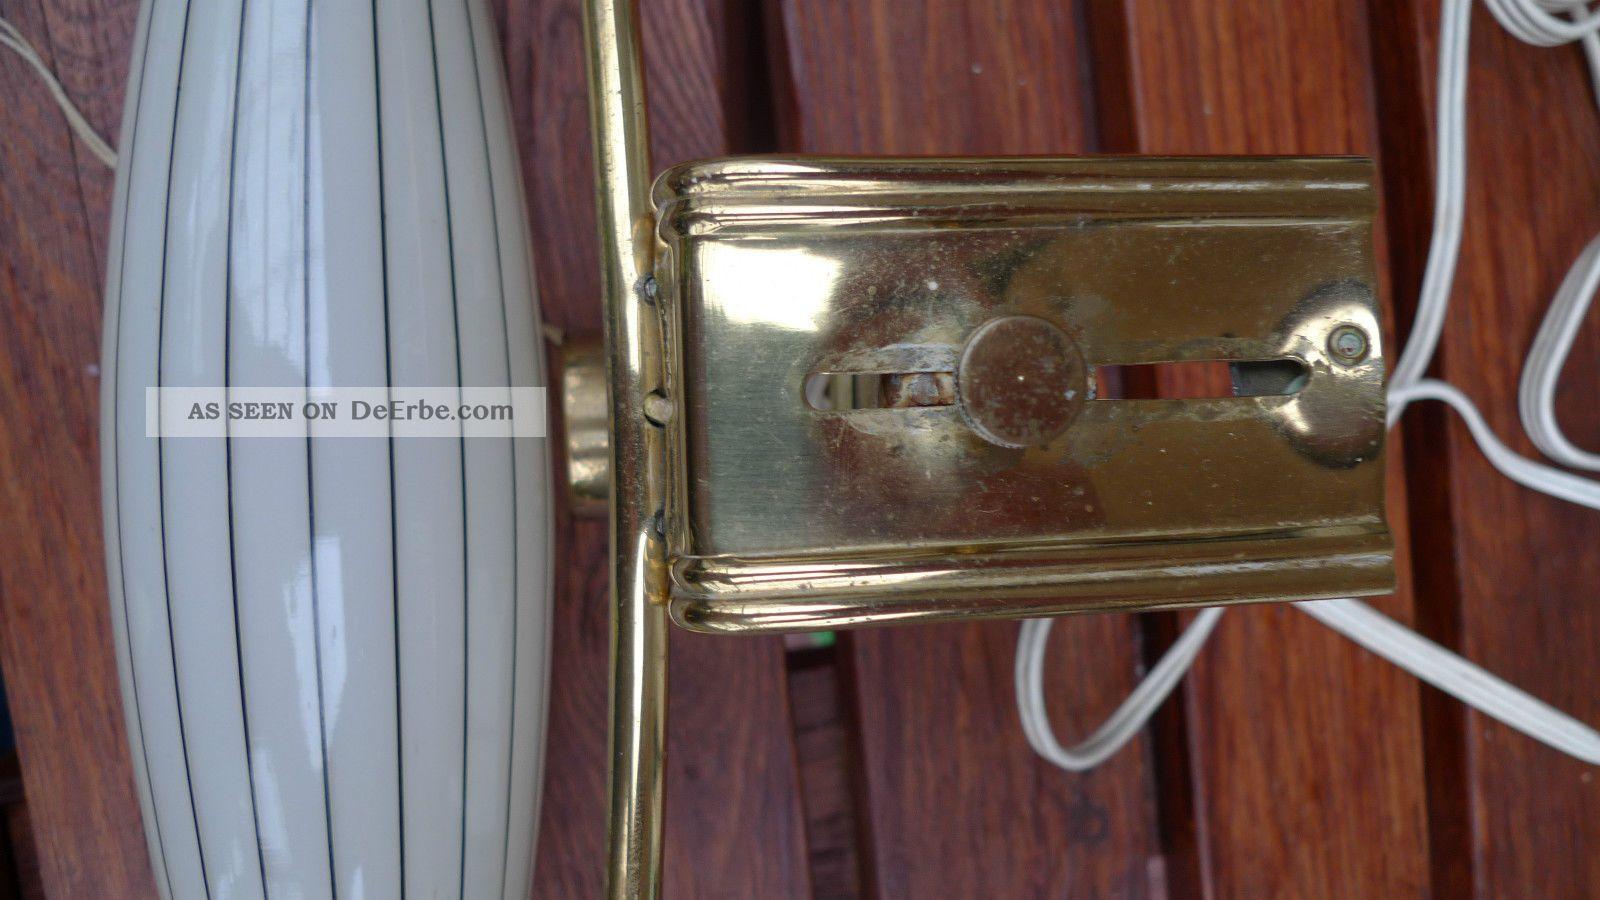 alte seltene lampe aus messing mit glaszylinder zum klemmen ans bett bild. Black Bedroom Furniture Sets. Home Design Ideas